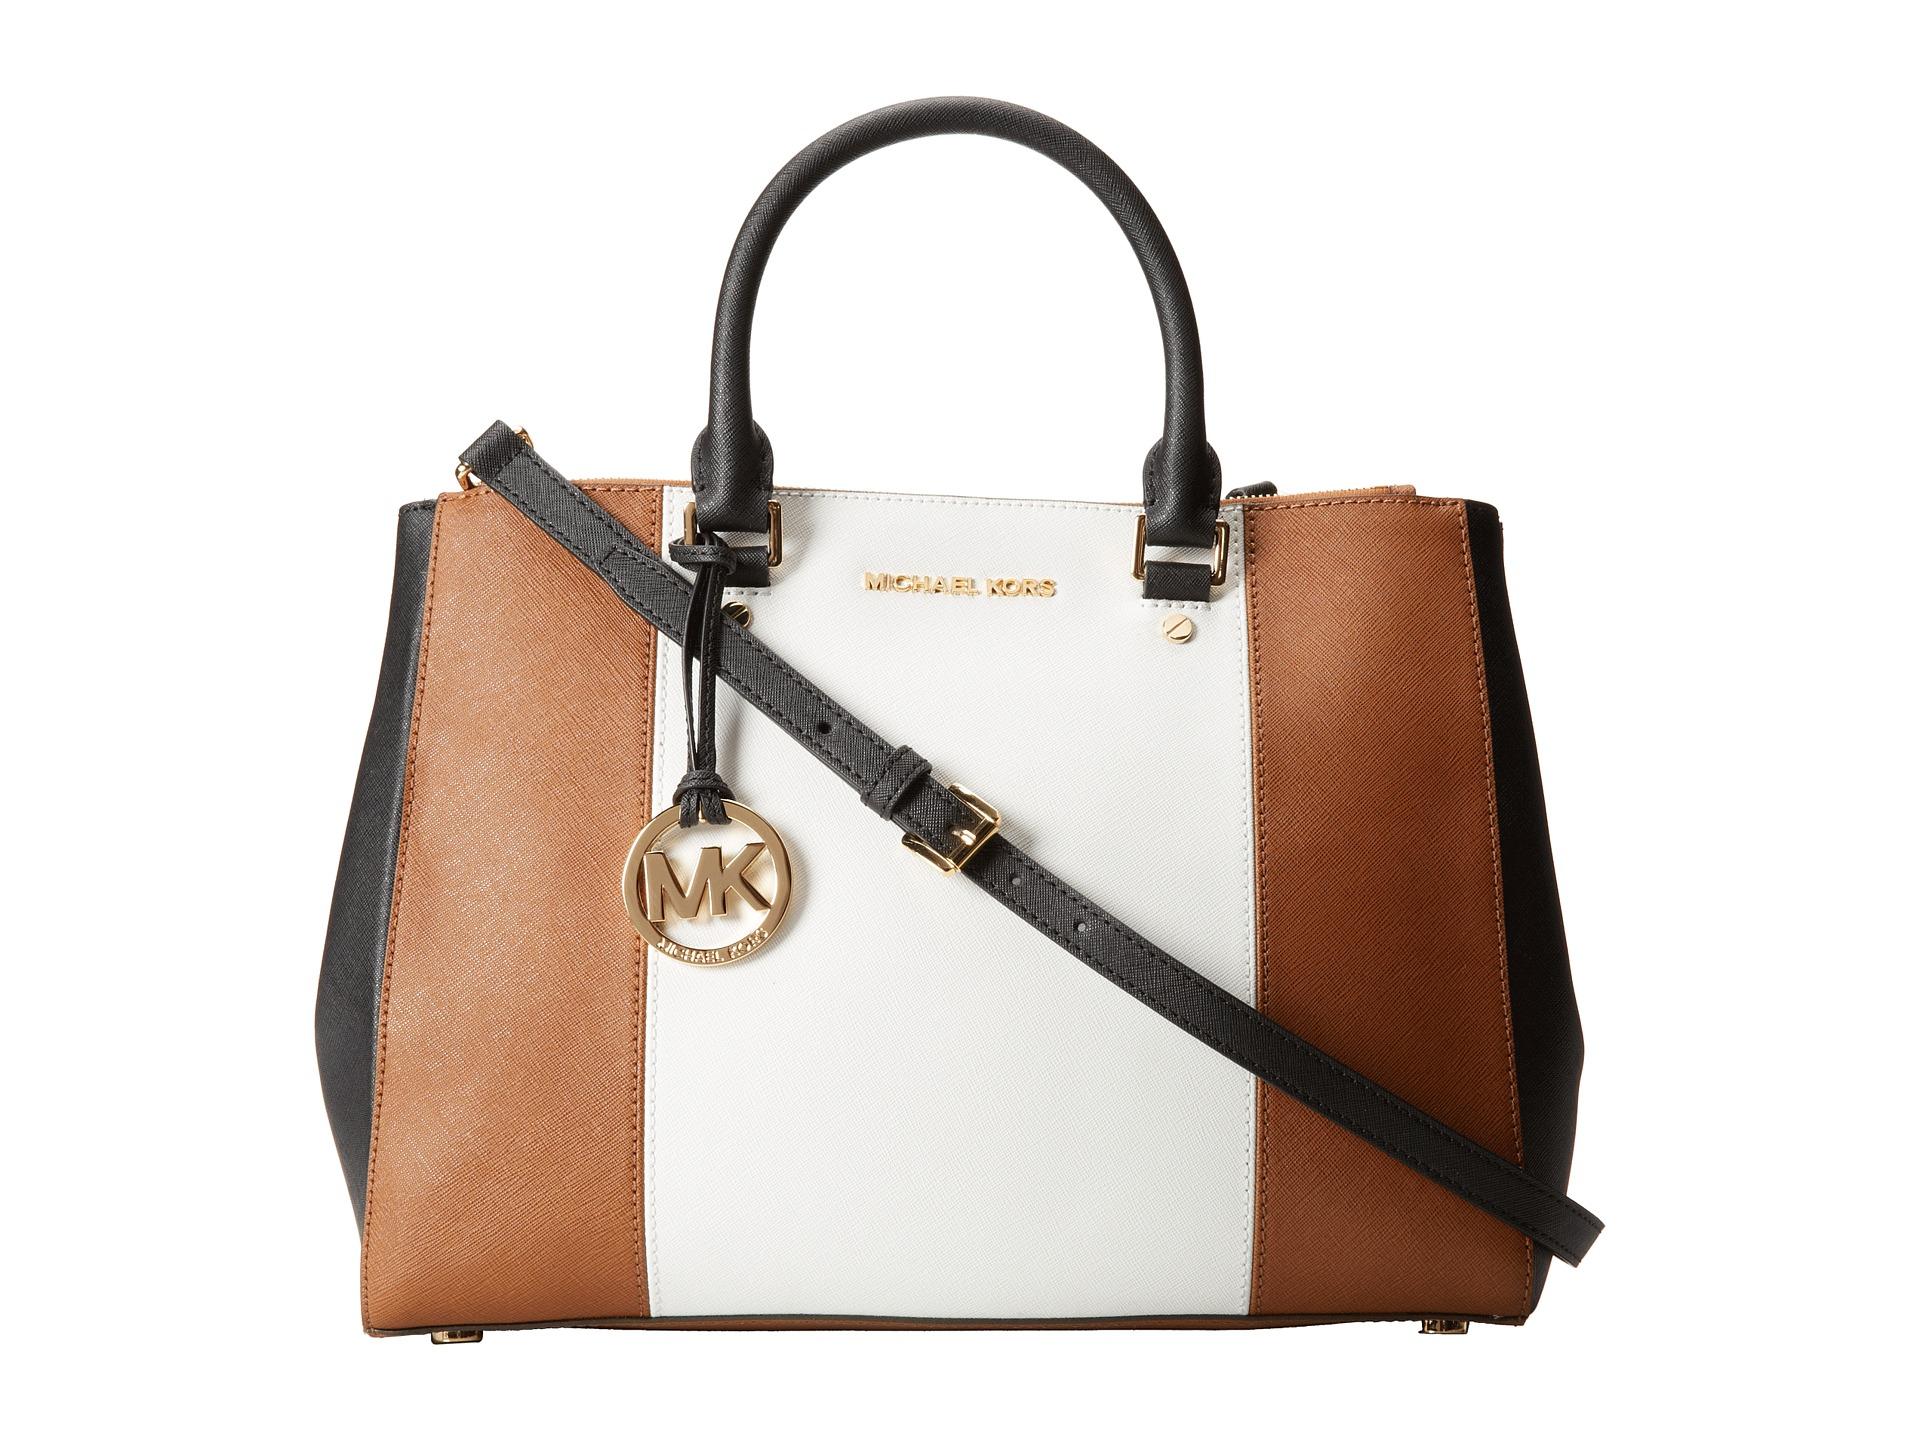 9c10741574d7 ... leather bag handbag black bd36b 9e3f4; official lyst michael michael  kors sutton center stripe large satchel in brown 7d815 32a72